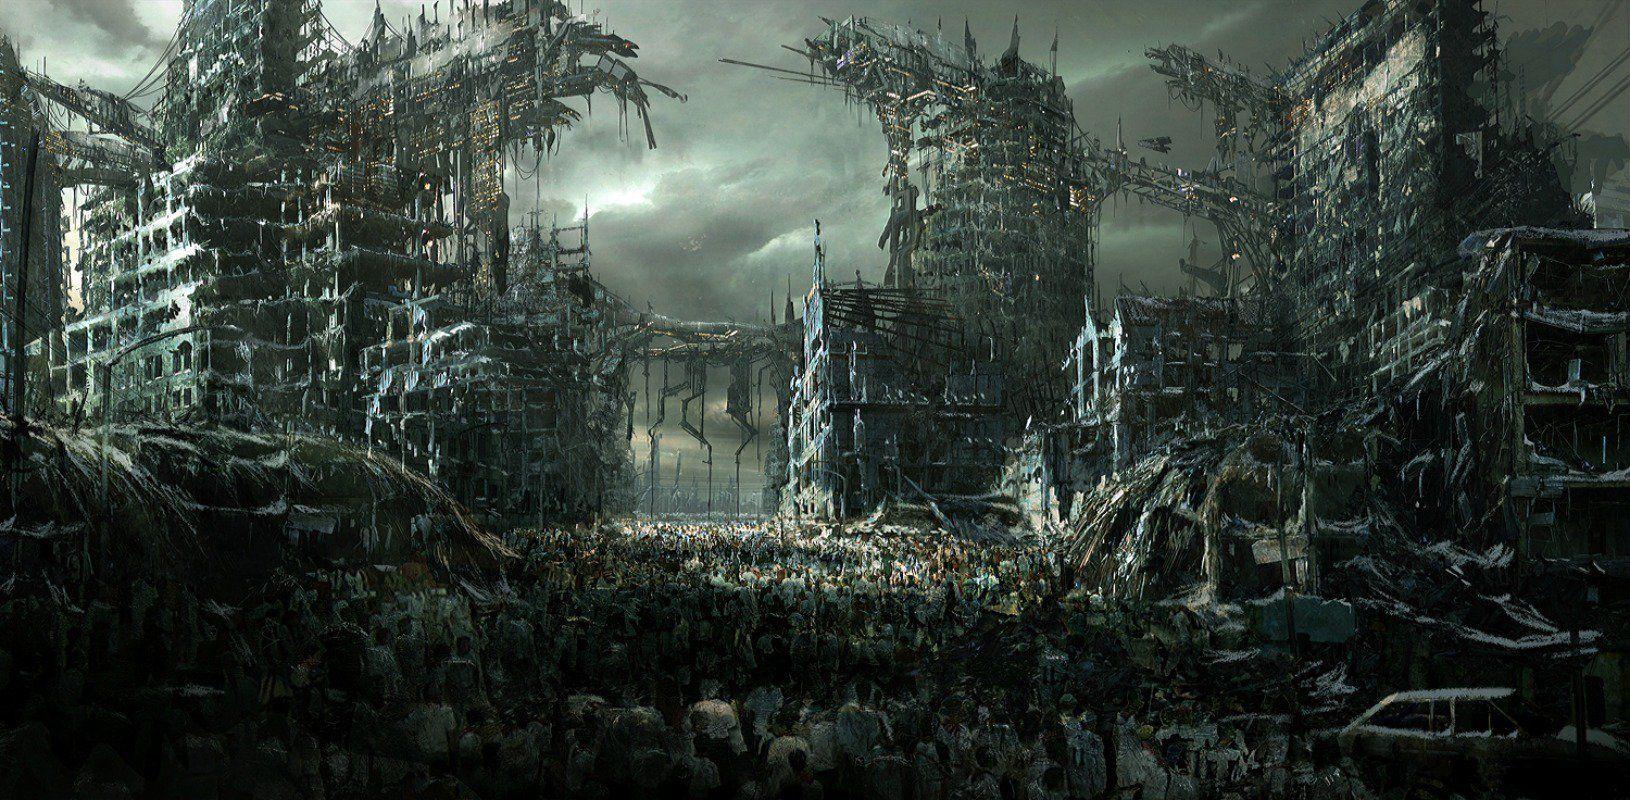 Resultado De Imagen Para Wallpapers Apocalipsis Zombie Apocalipsis De Zombi Fin Del Mundo Apocalipsis Fin Del Mundo